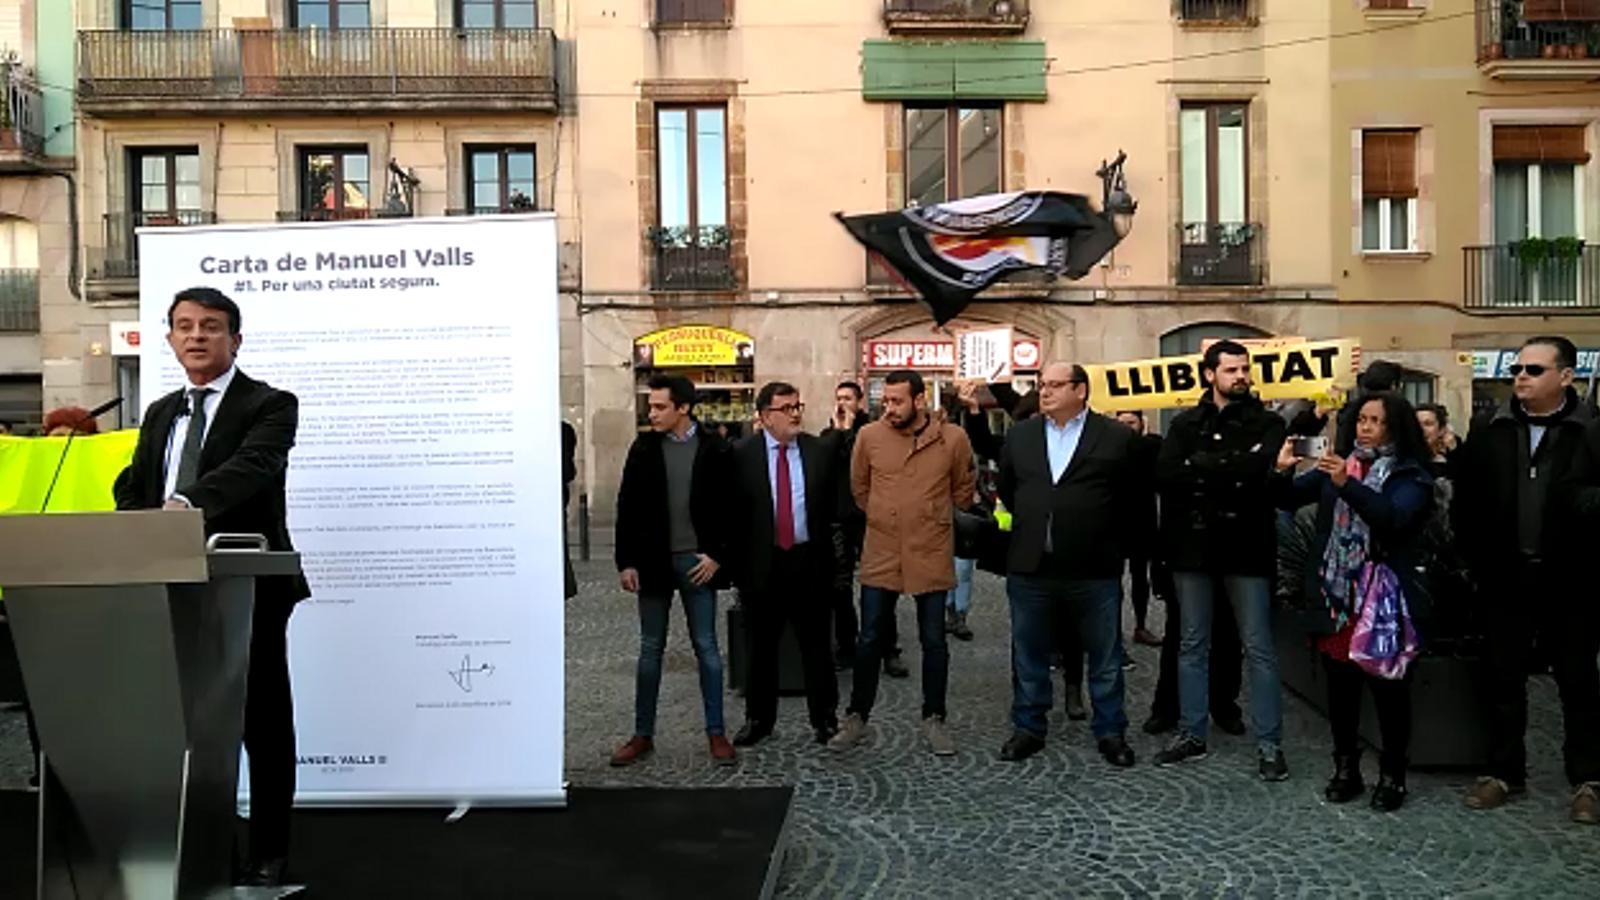 Els veïns boicotegen el primer acte de Valls al Raval... i ell se'n va amb metro